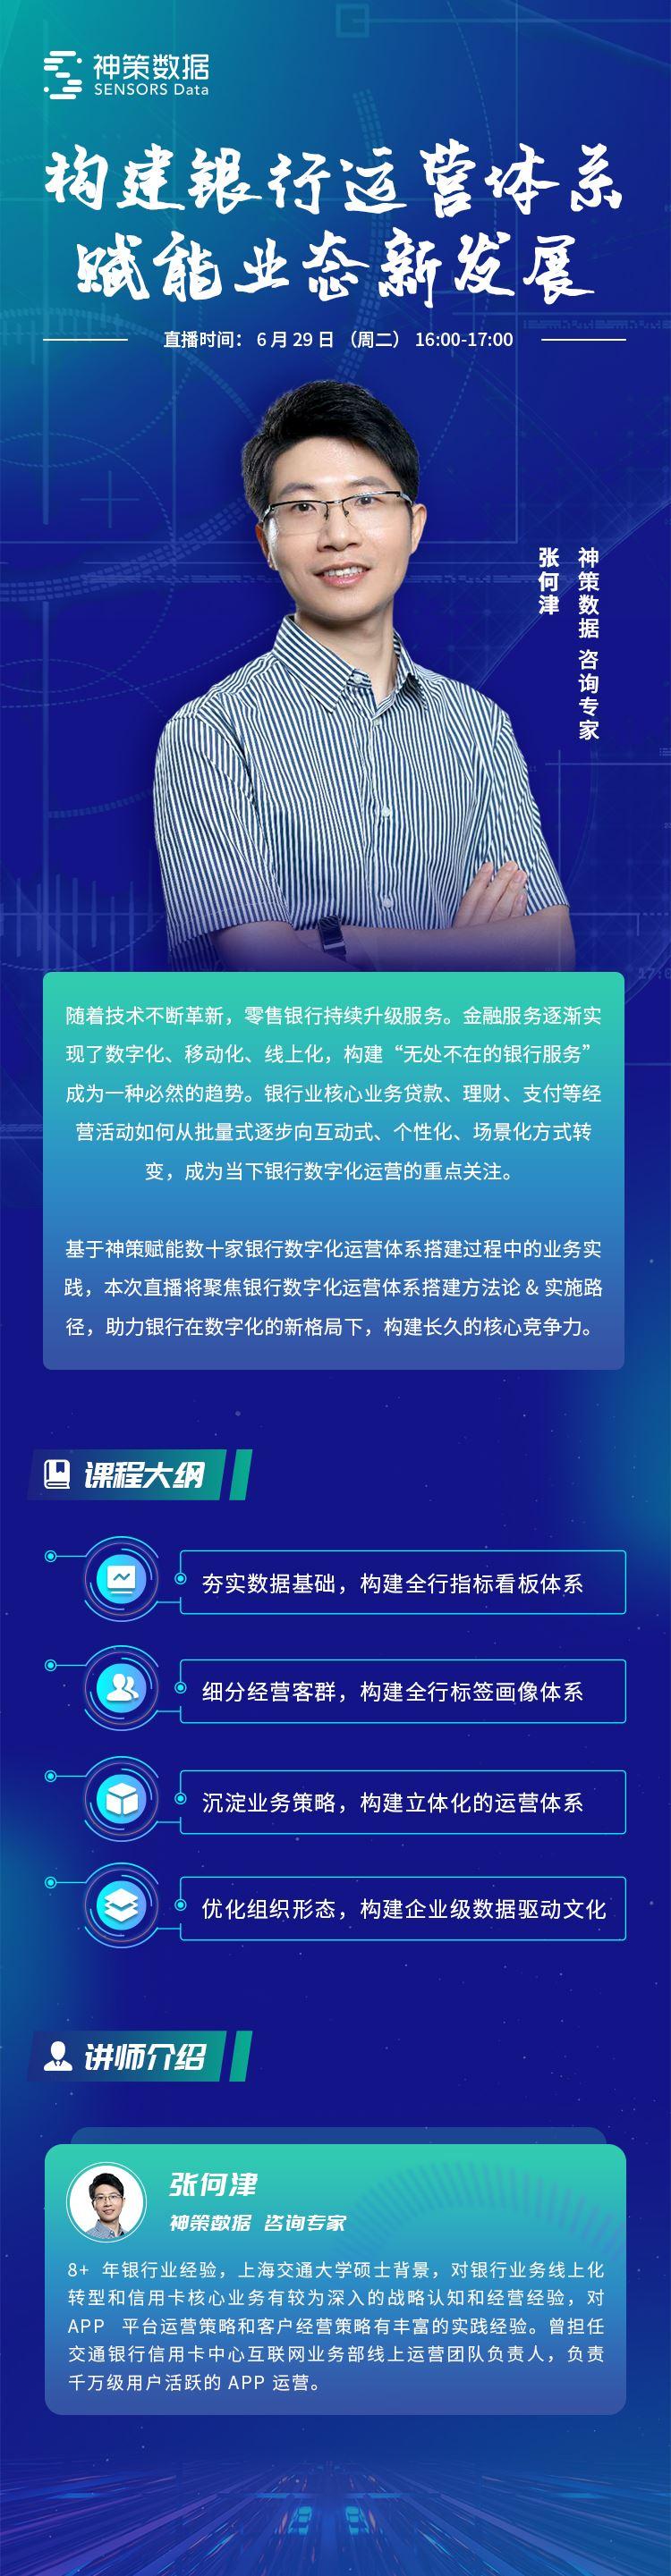 无码长图-2.0构建银行运营体系-赋能业态新发展.jpg